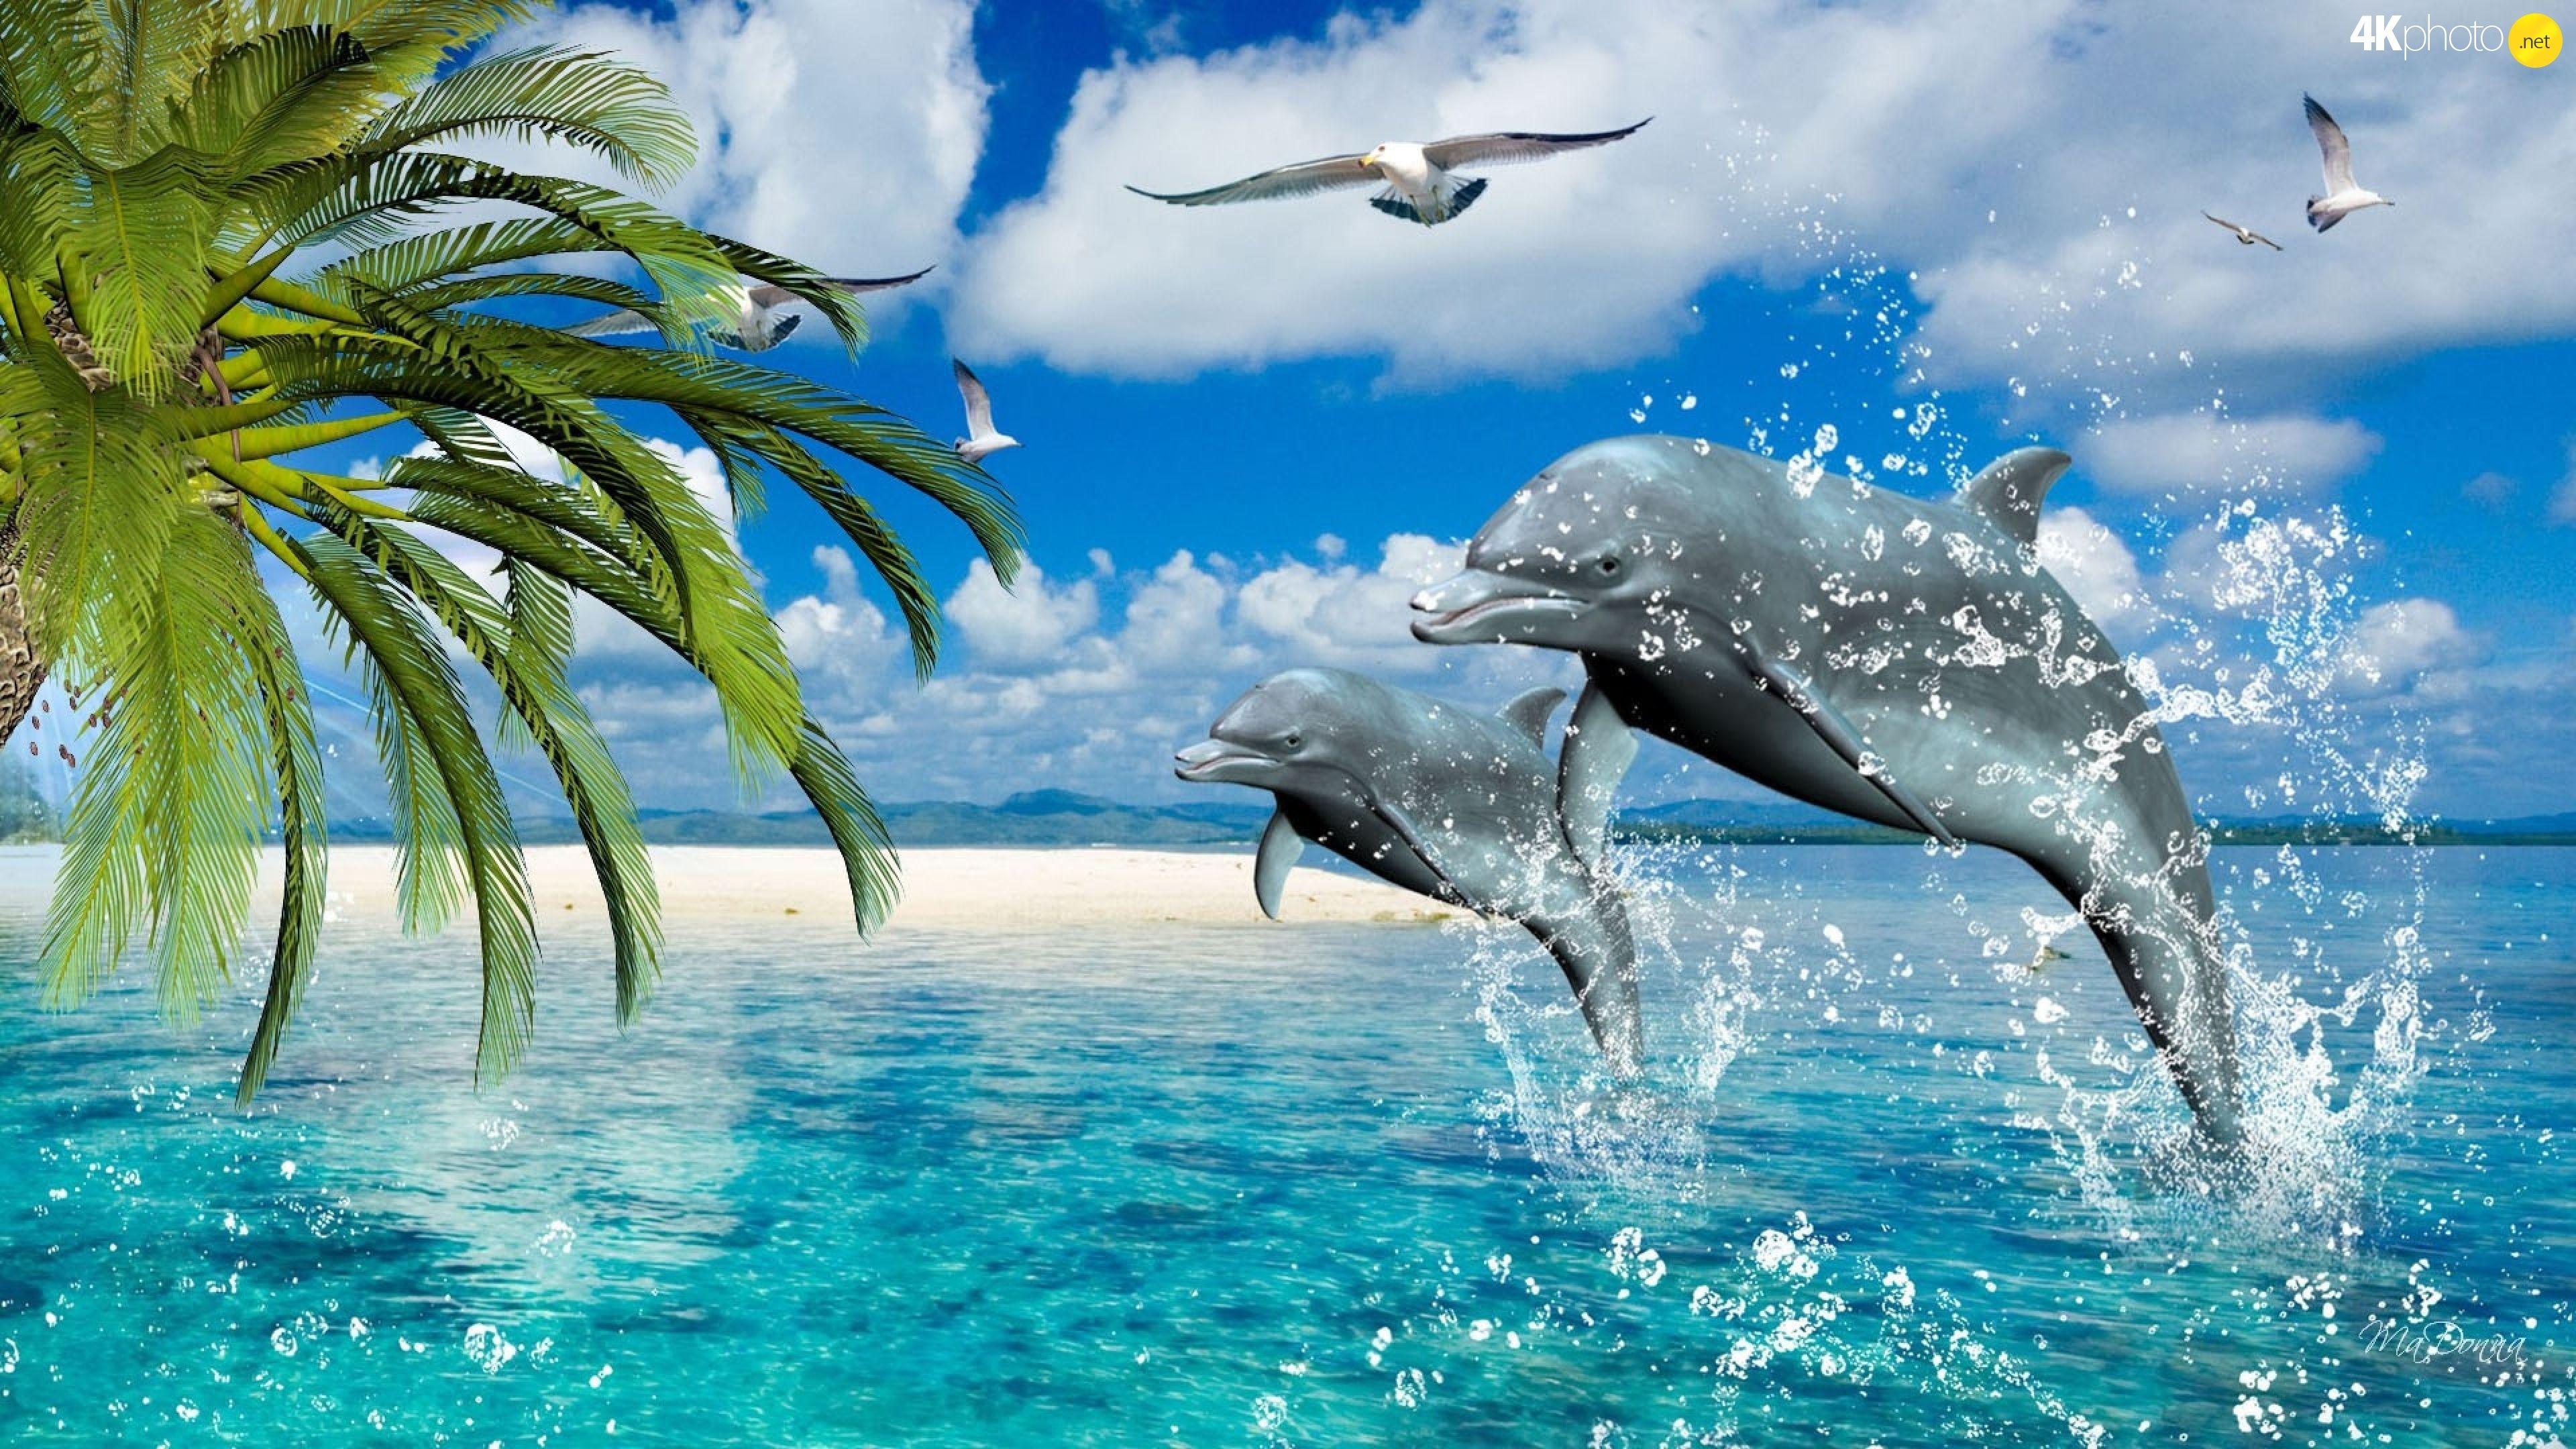 Красивые картинки с дельфинами на море